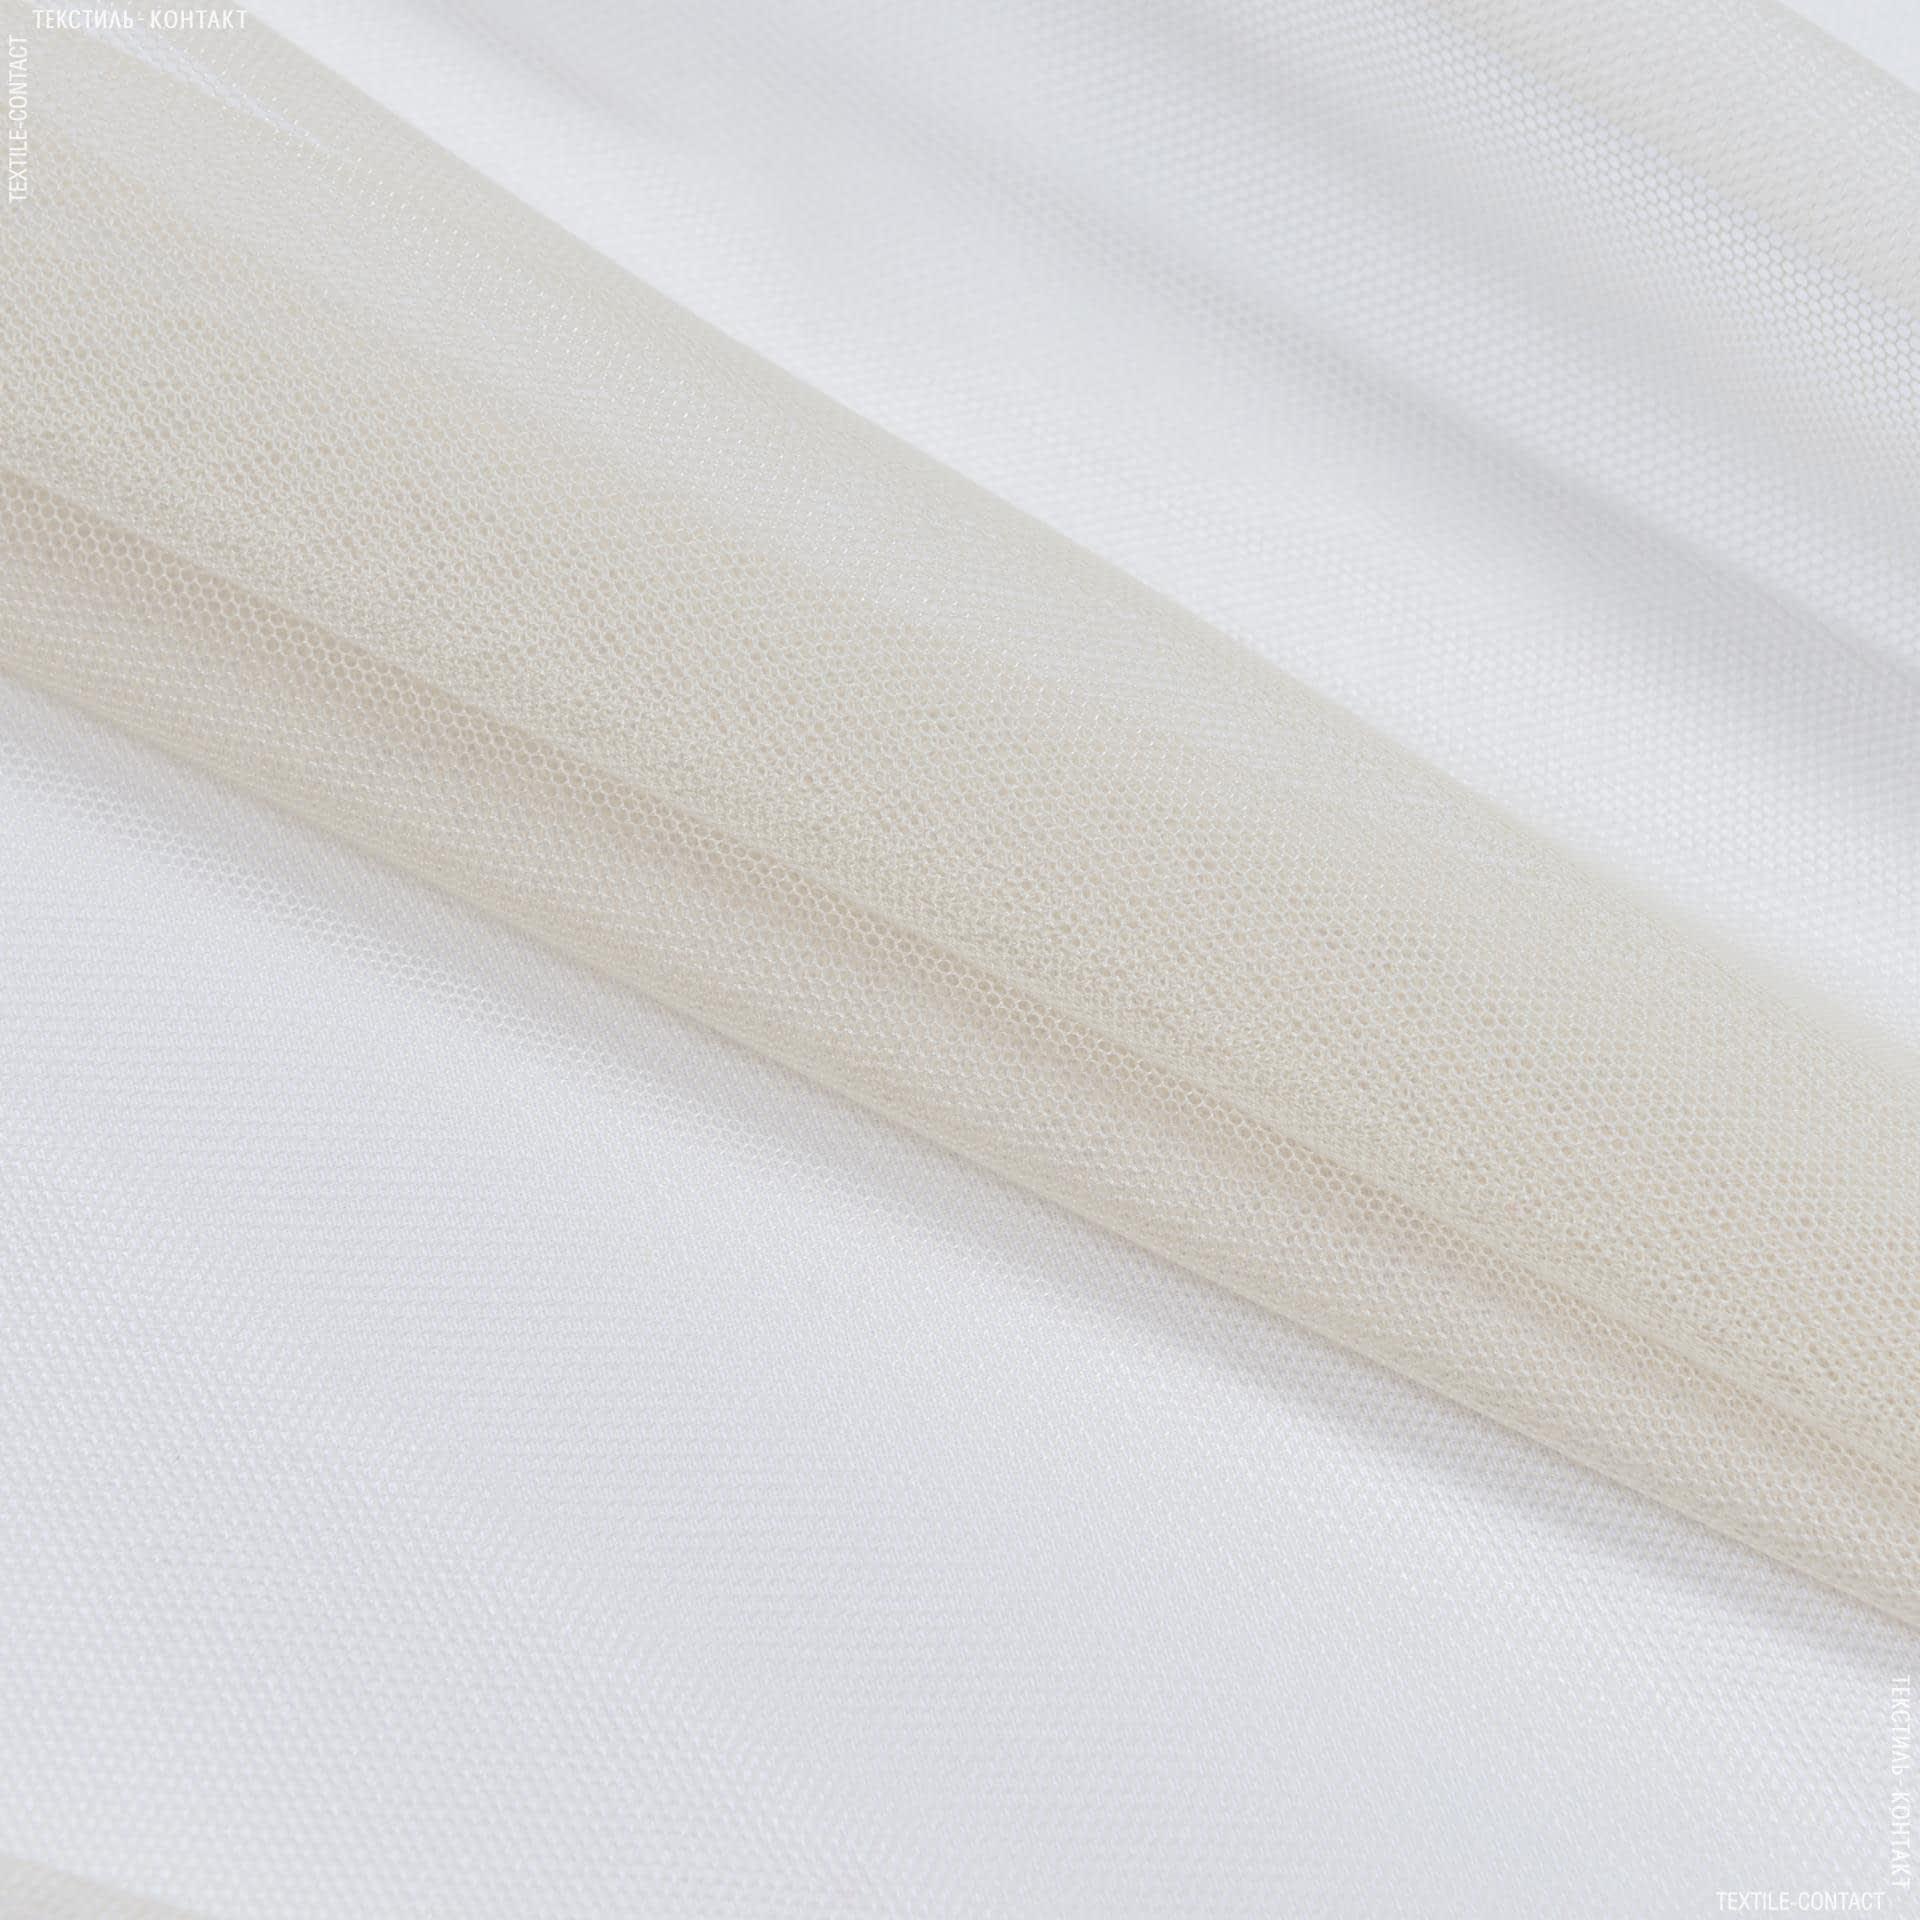 Ткани гардинные ткани - Тюль с утяжелителем сетка грек/grek  св.песок